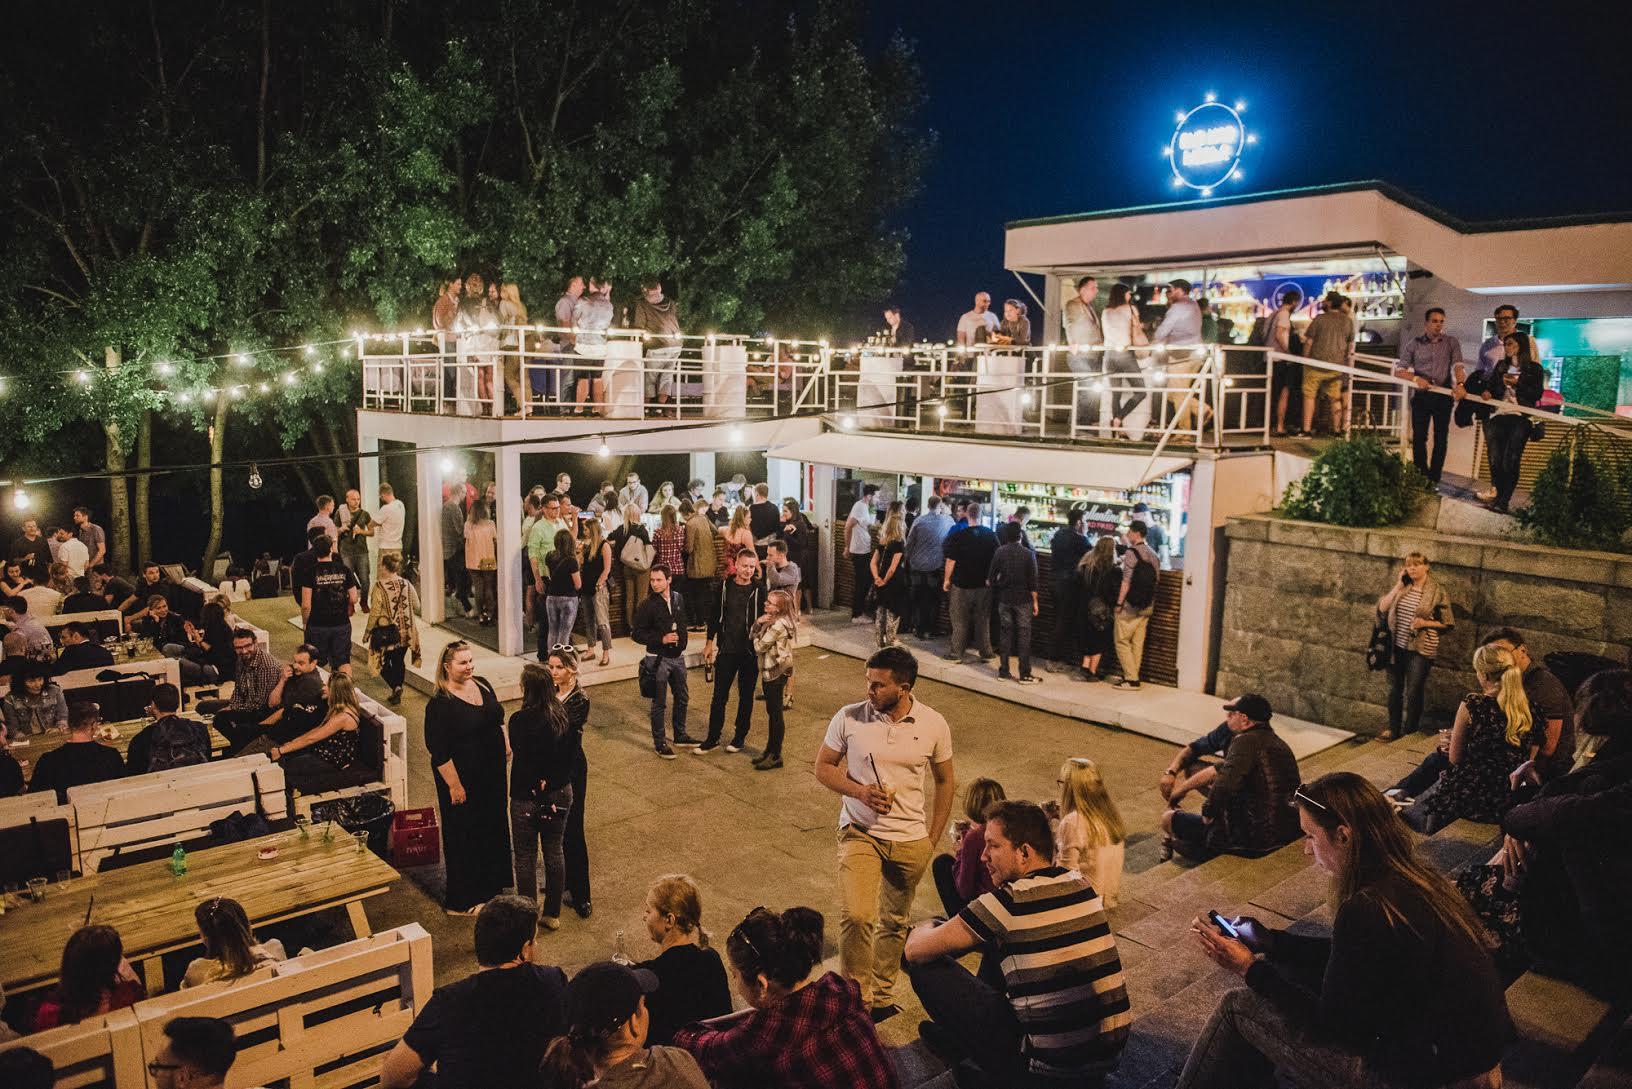 Tłum ludzi rozmawiających w grupkach, siedzących na schodach i pijących napoje przy barze na otwartym powietrzu po zmroku.